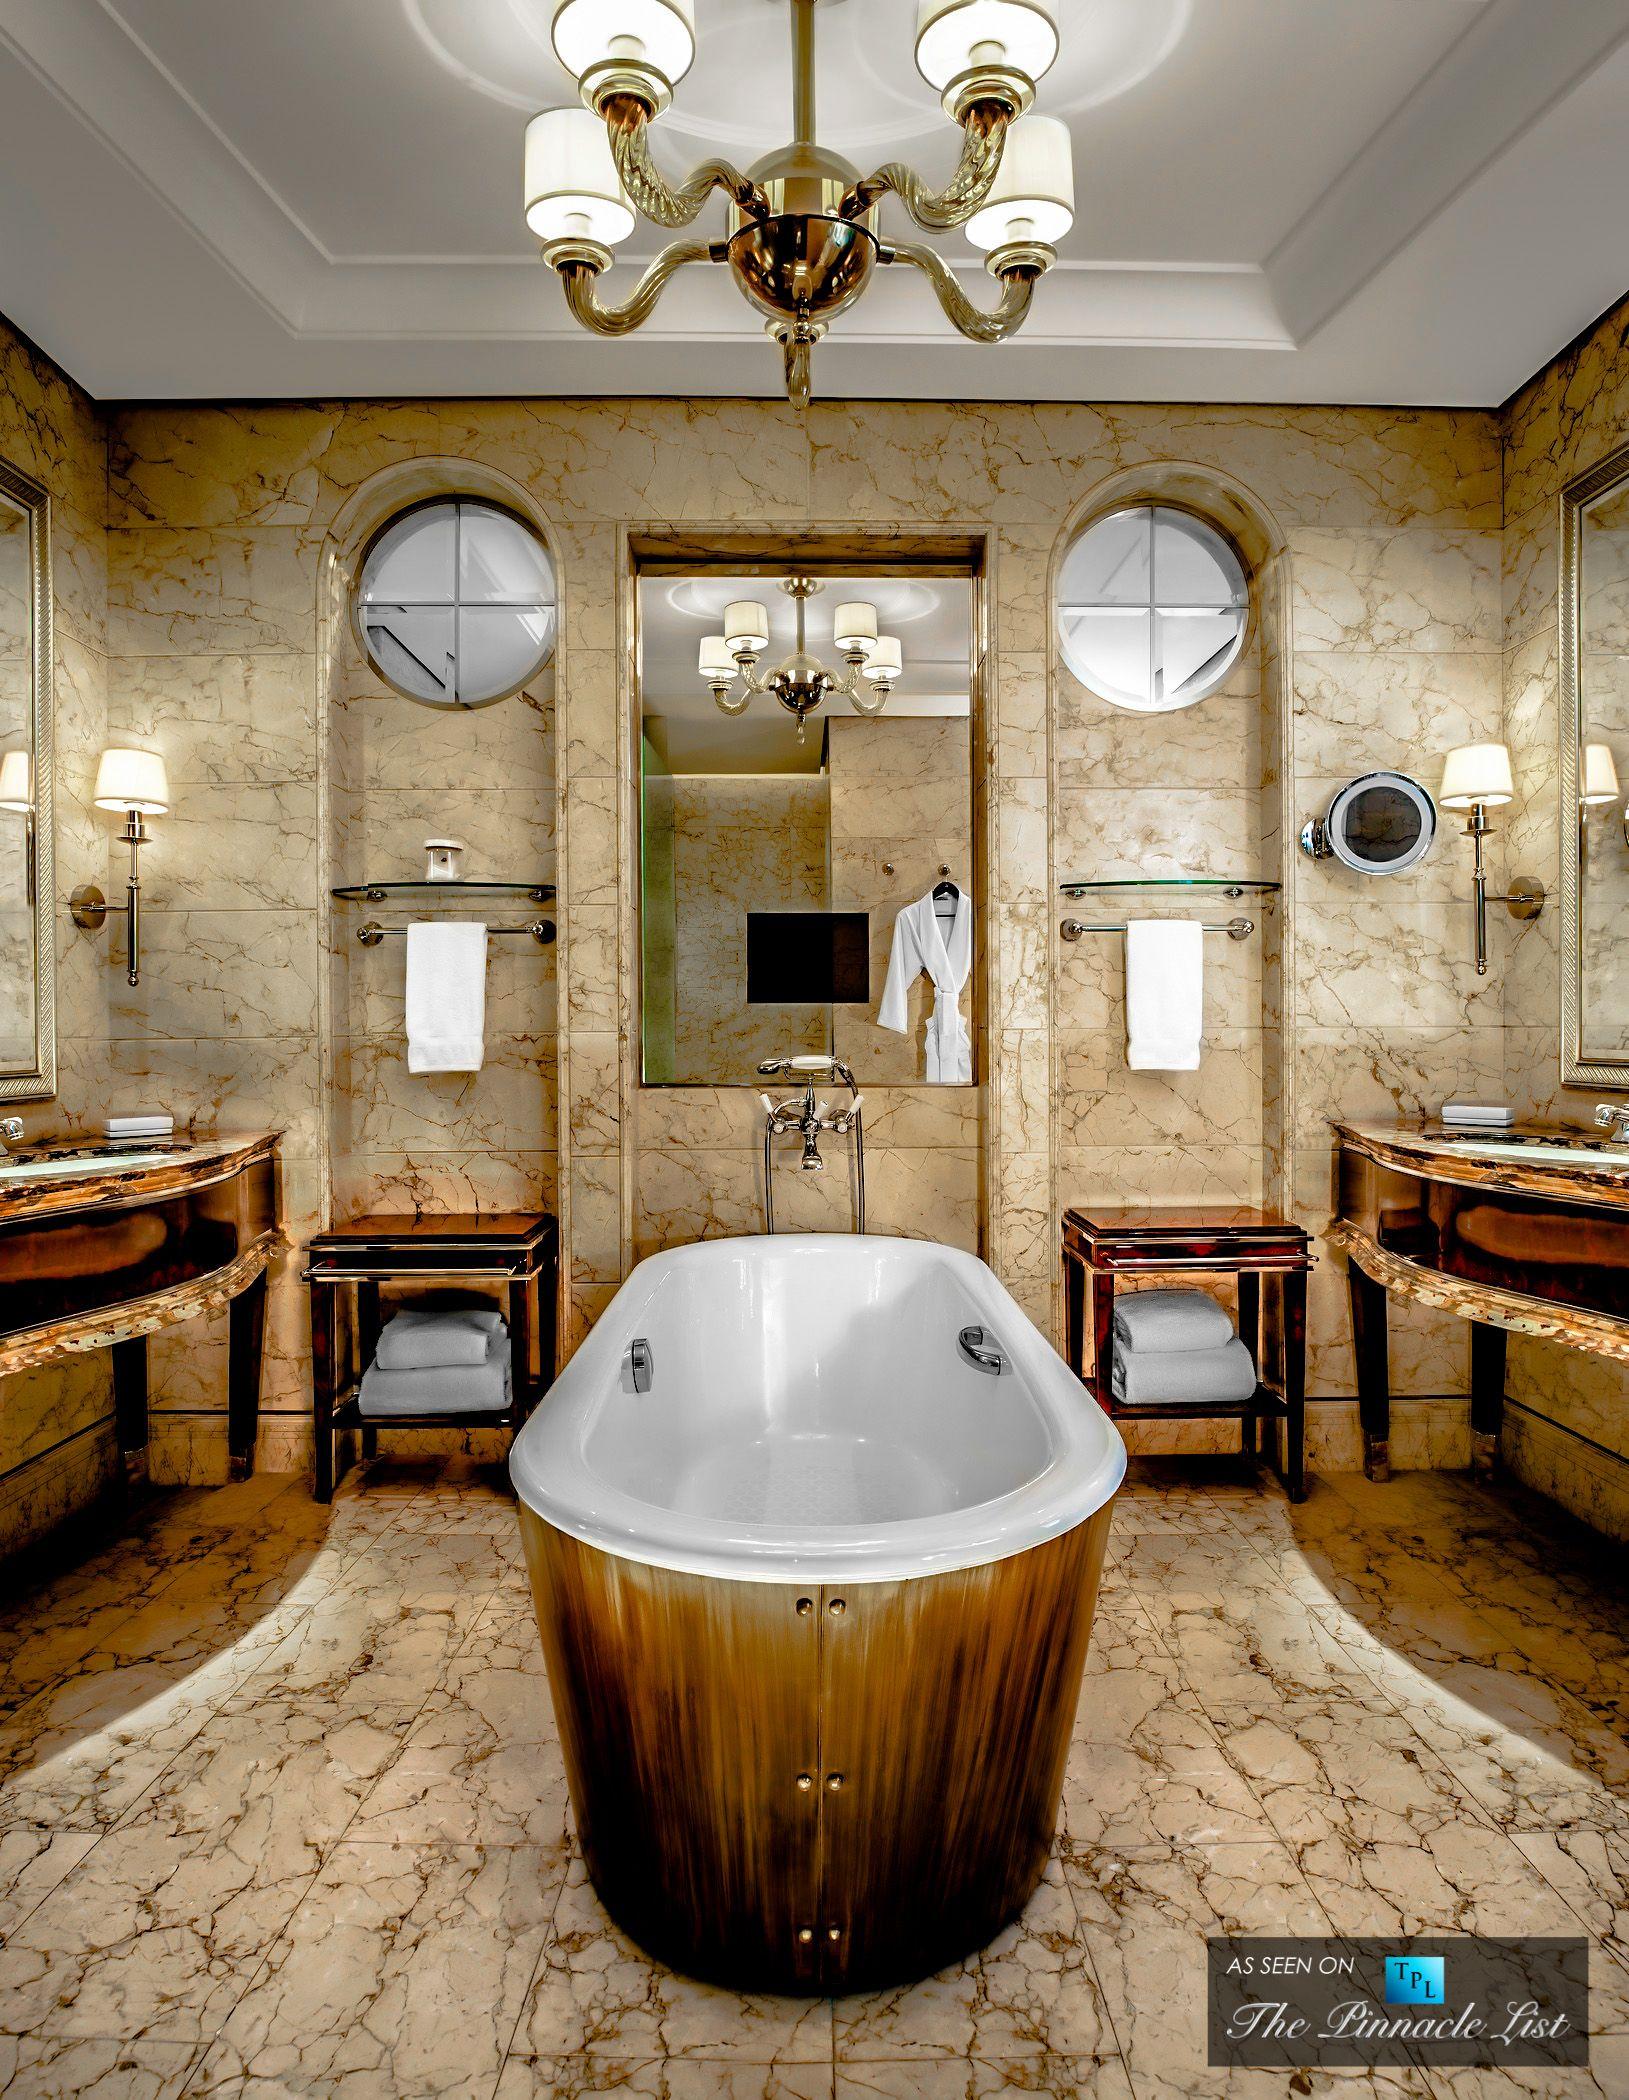 St Regis Luxury Hotel Singapore